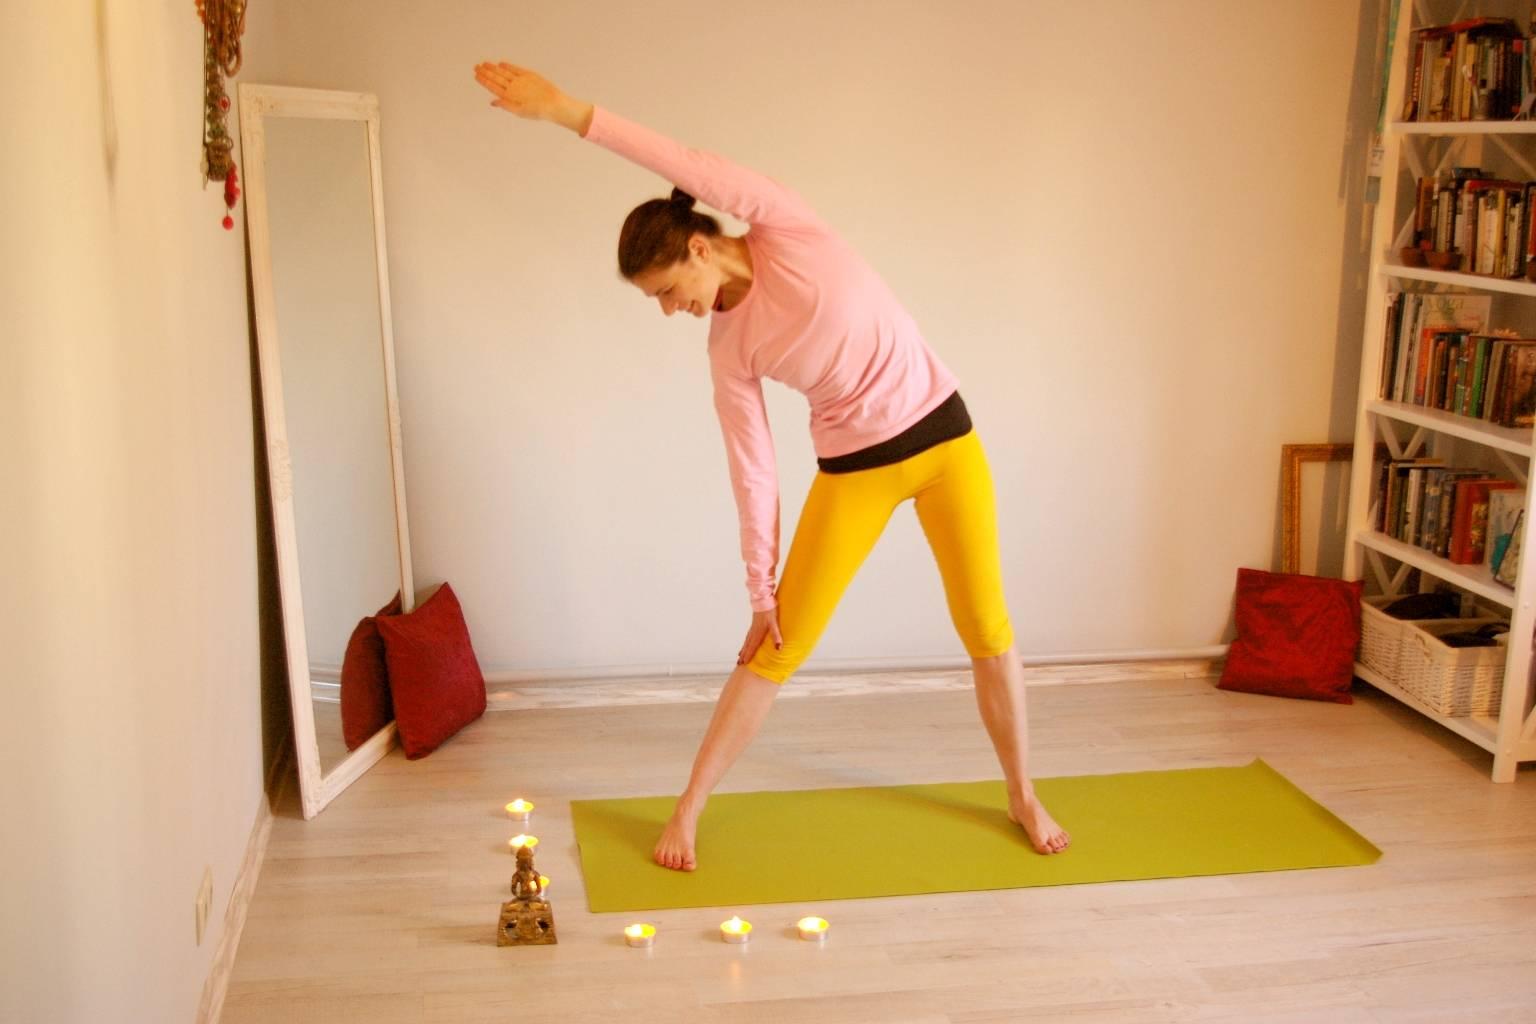 Йога от стресса и депрессии: правда или миф - азбука йоги